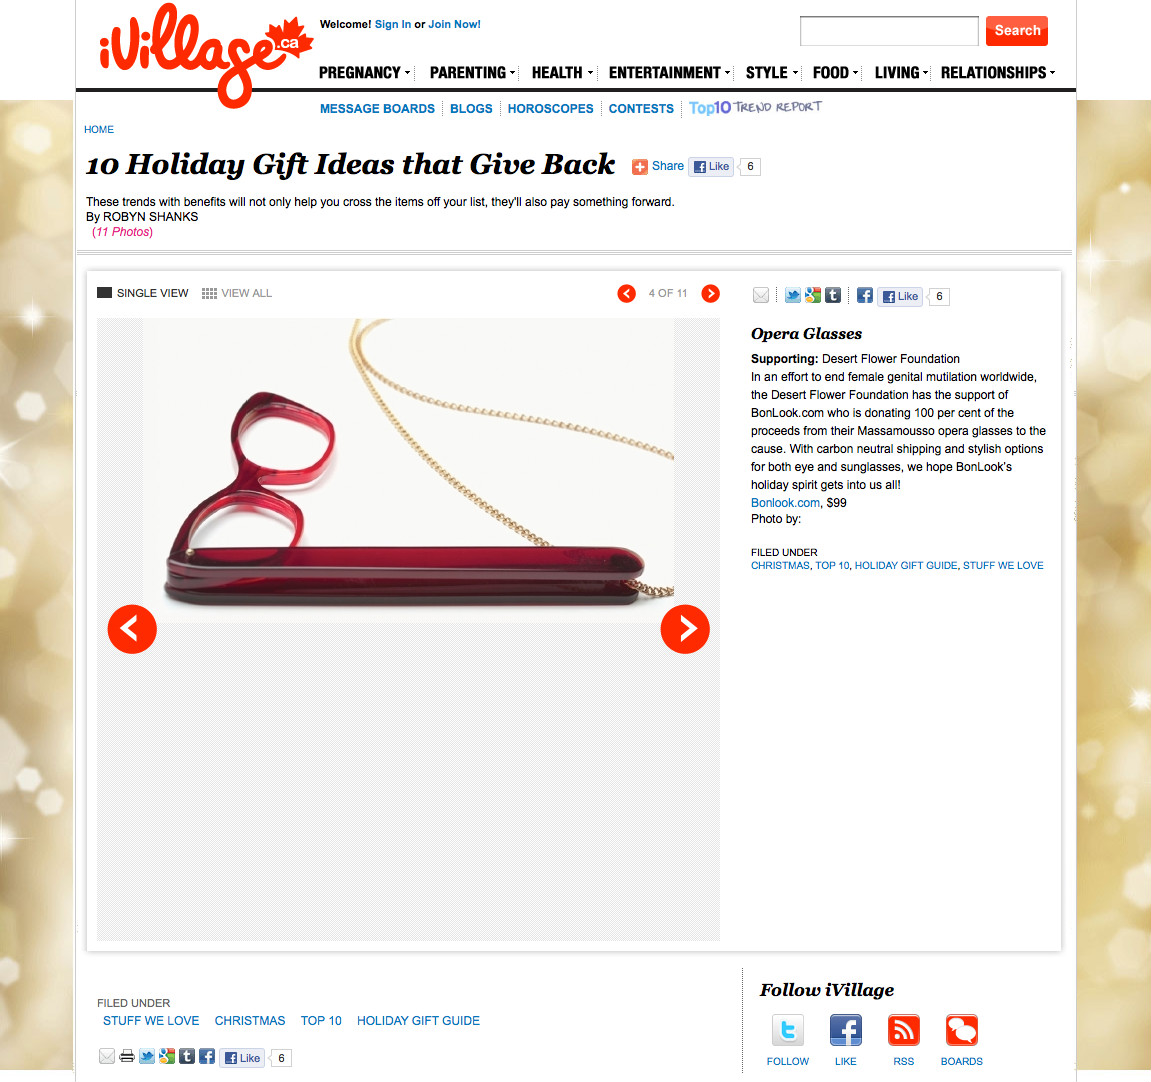 ivillage_bon_12-10-11.jpg